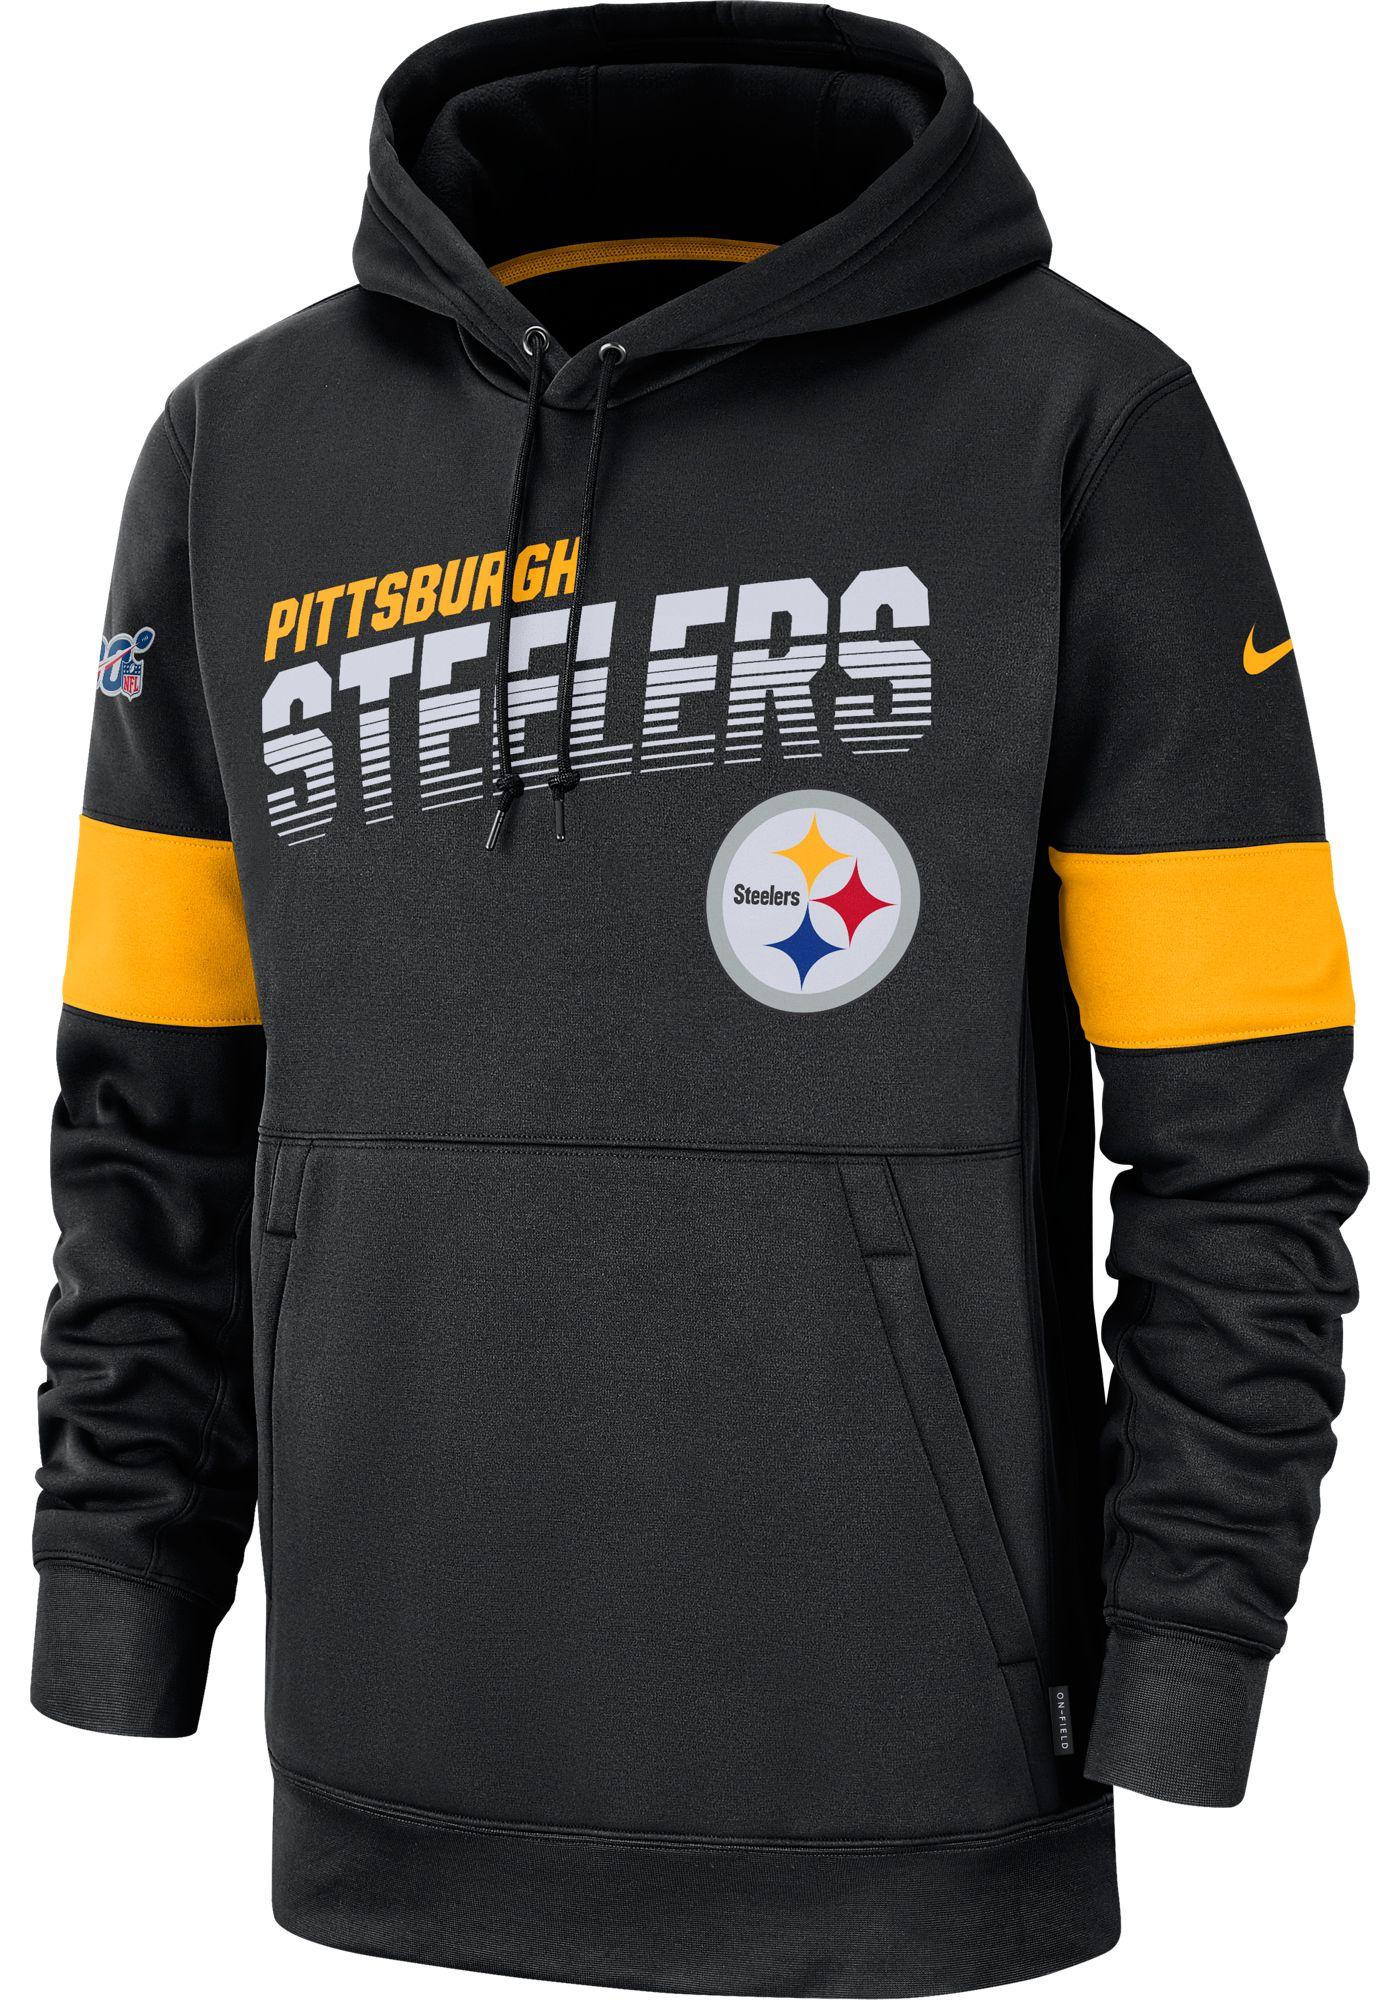 Nike Men's Pittsburgh Steelers 100th Sideline Therma-FIT Black Pullover Hoodie